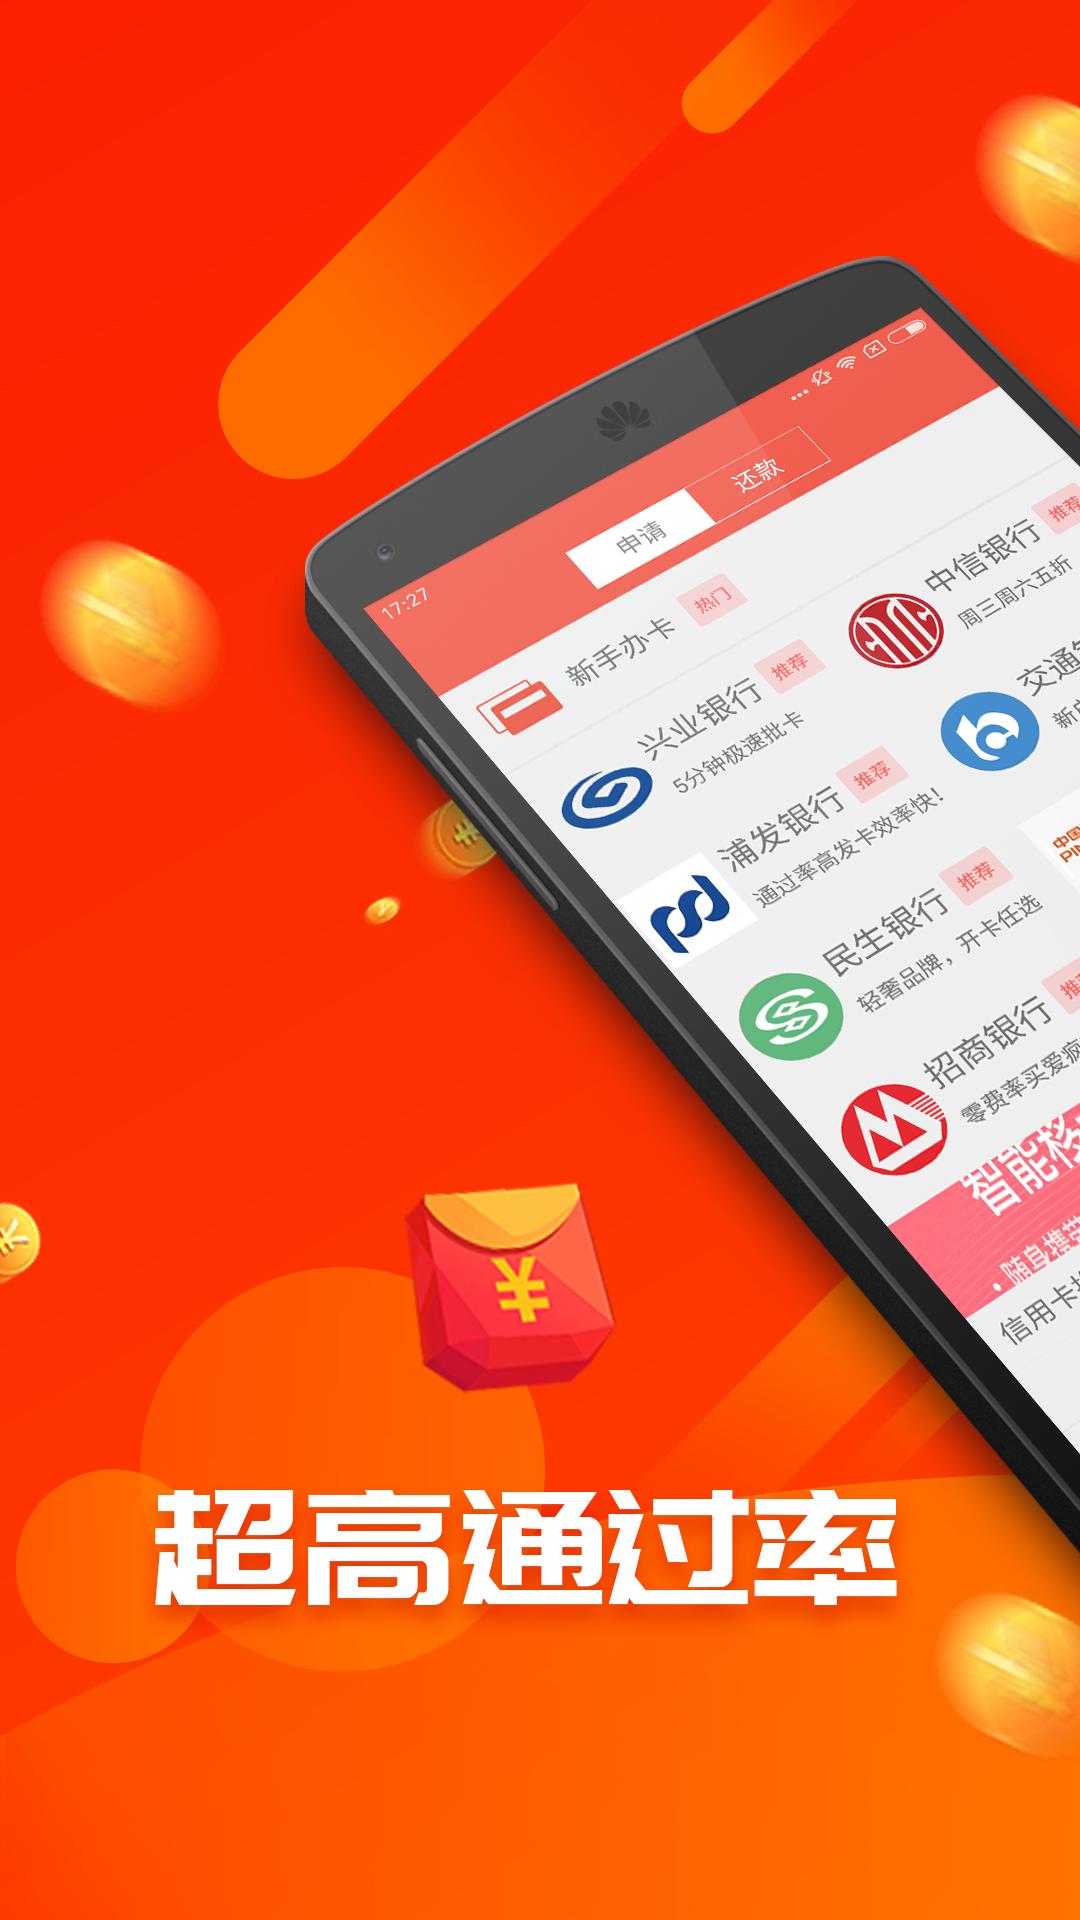 聚乐贷官方app手机版下载图2: